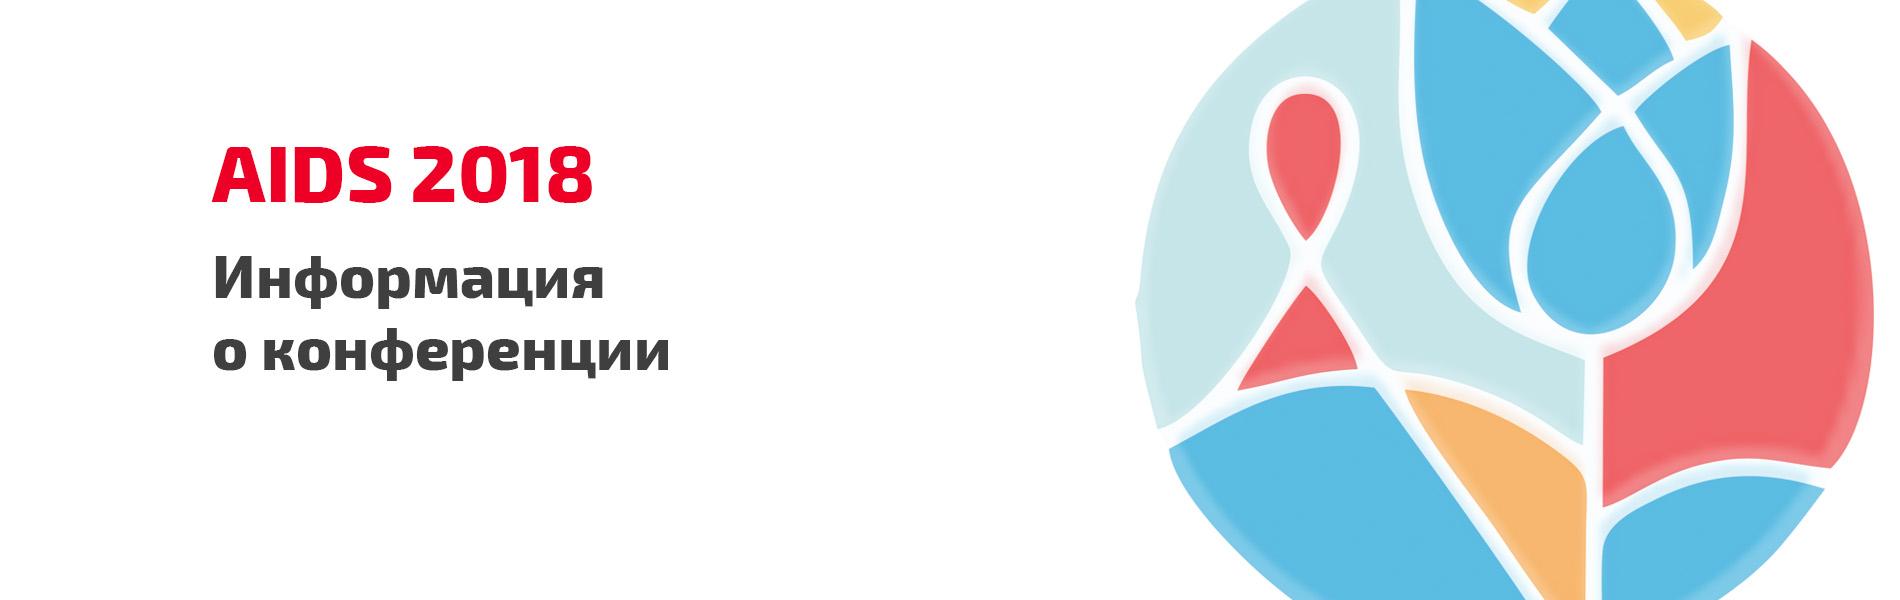 Международная конференция по вопросам профилактики и лечения ВИЧ AIDS 2018 пройдет в этом году в Амстердаме.